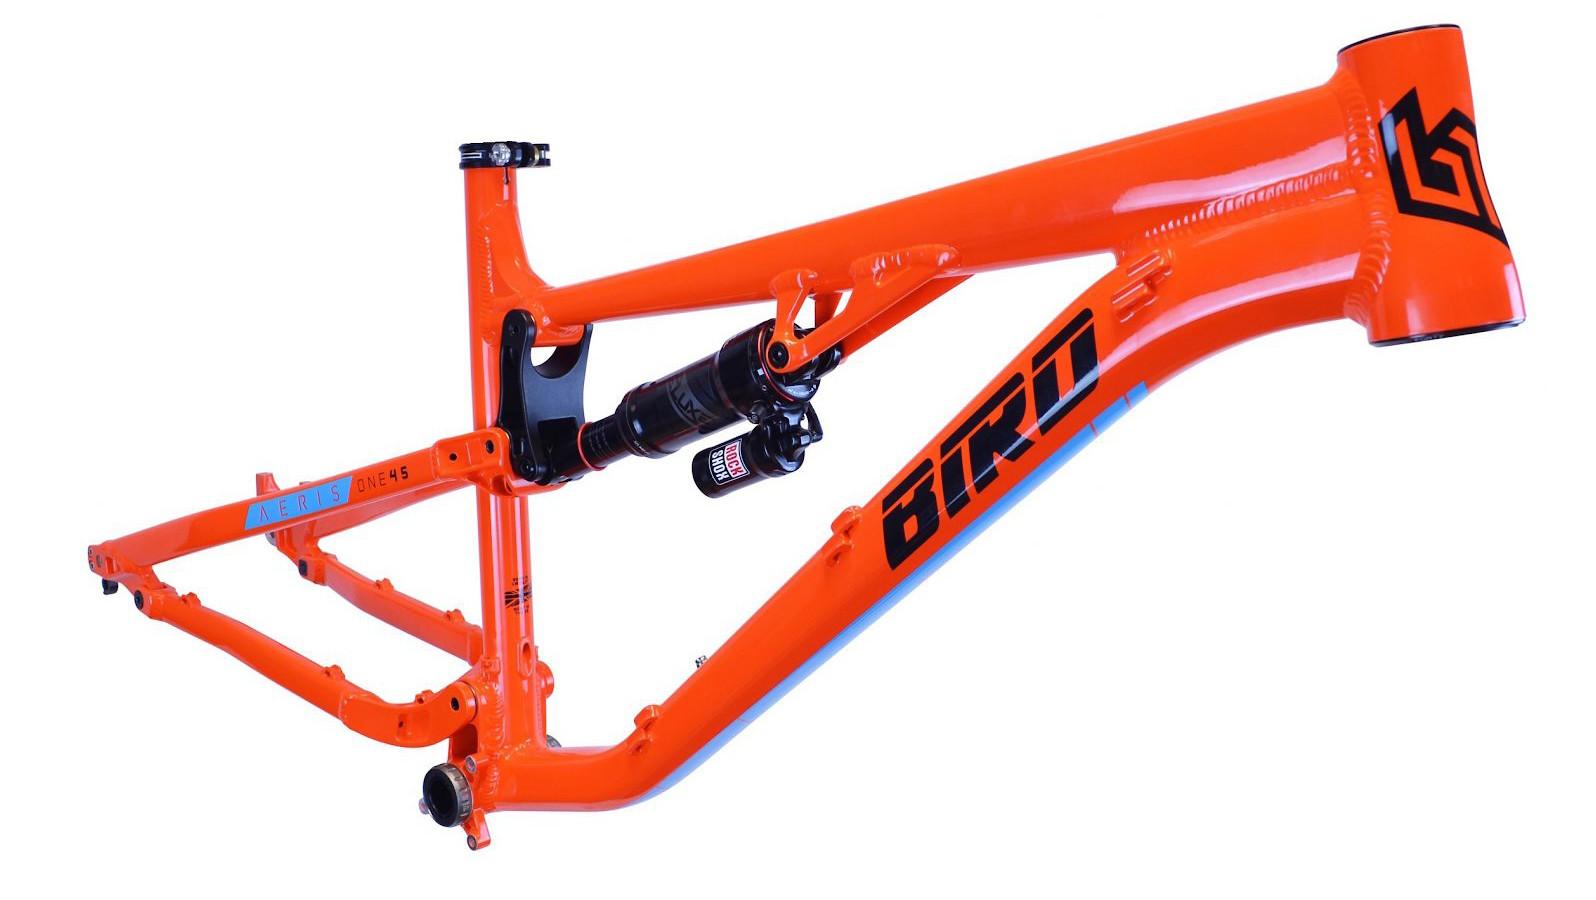 Bird Aeris AM160 Frame (Tangerine Orange)